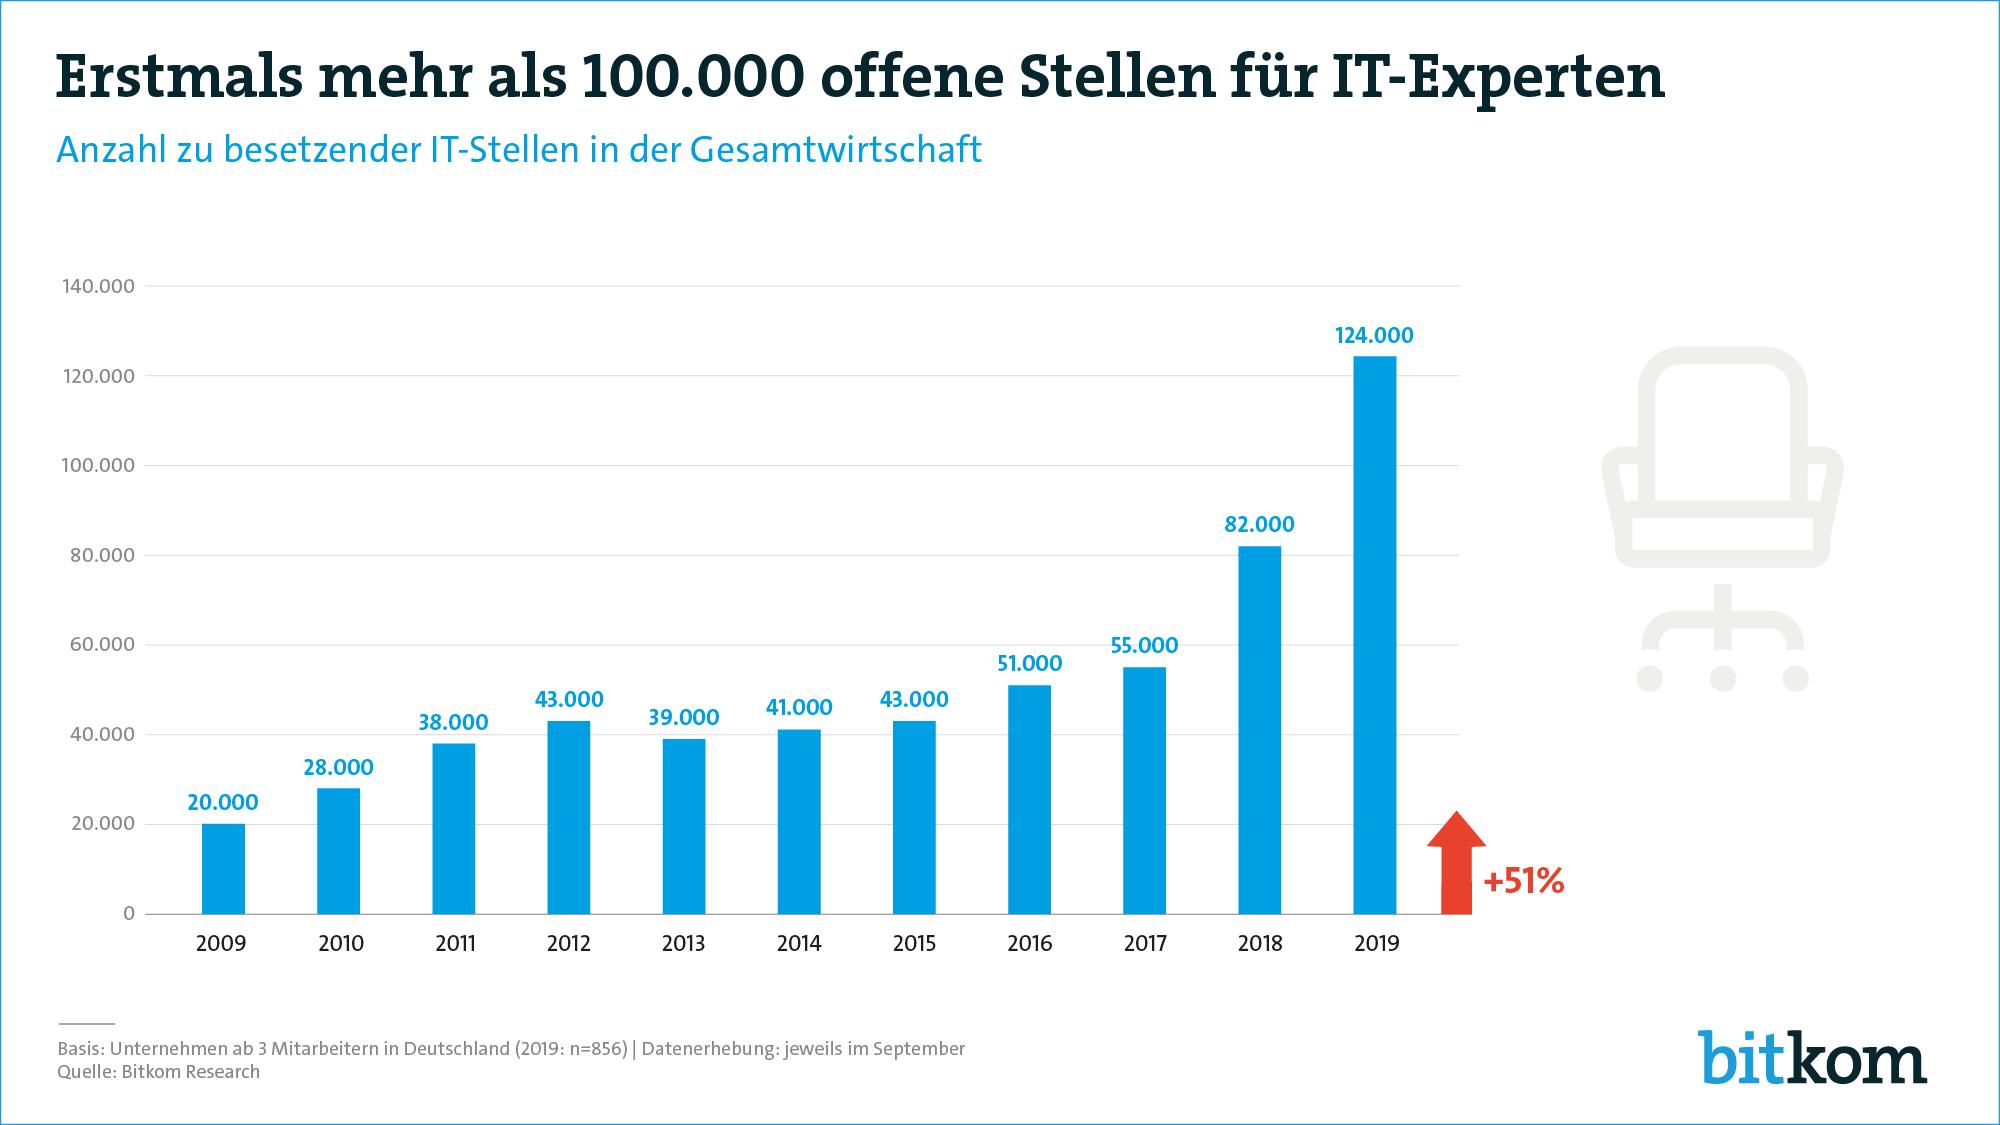 Bitkom vermeldet über 120.000 offene Stellen im IT-Sektor